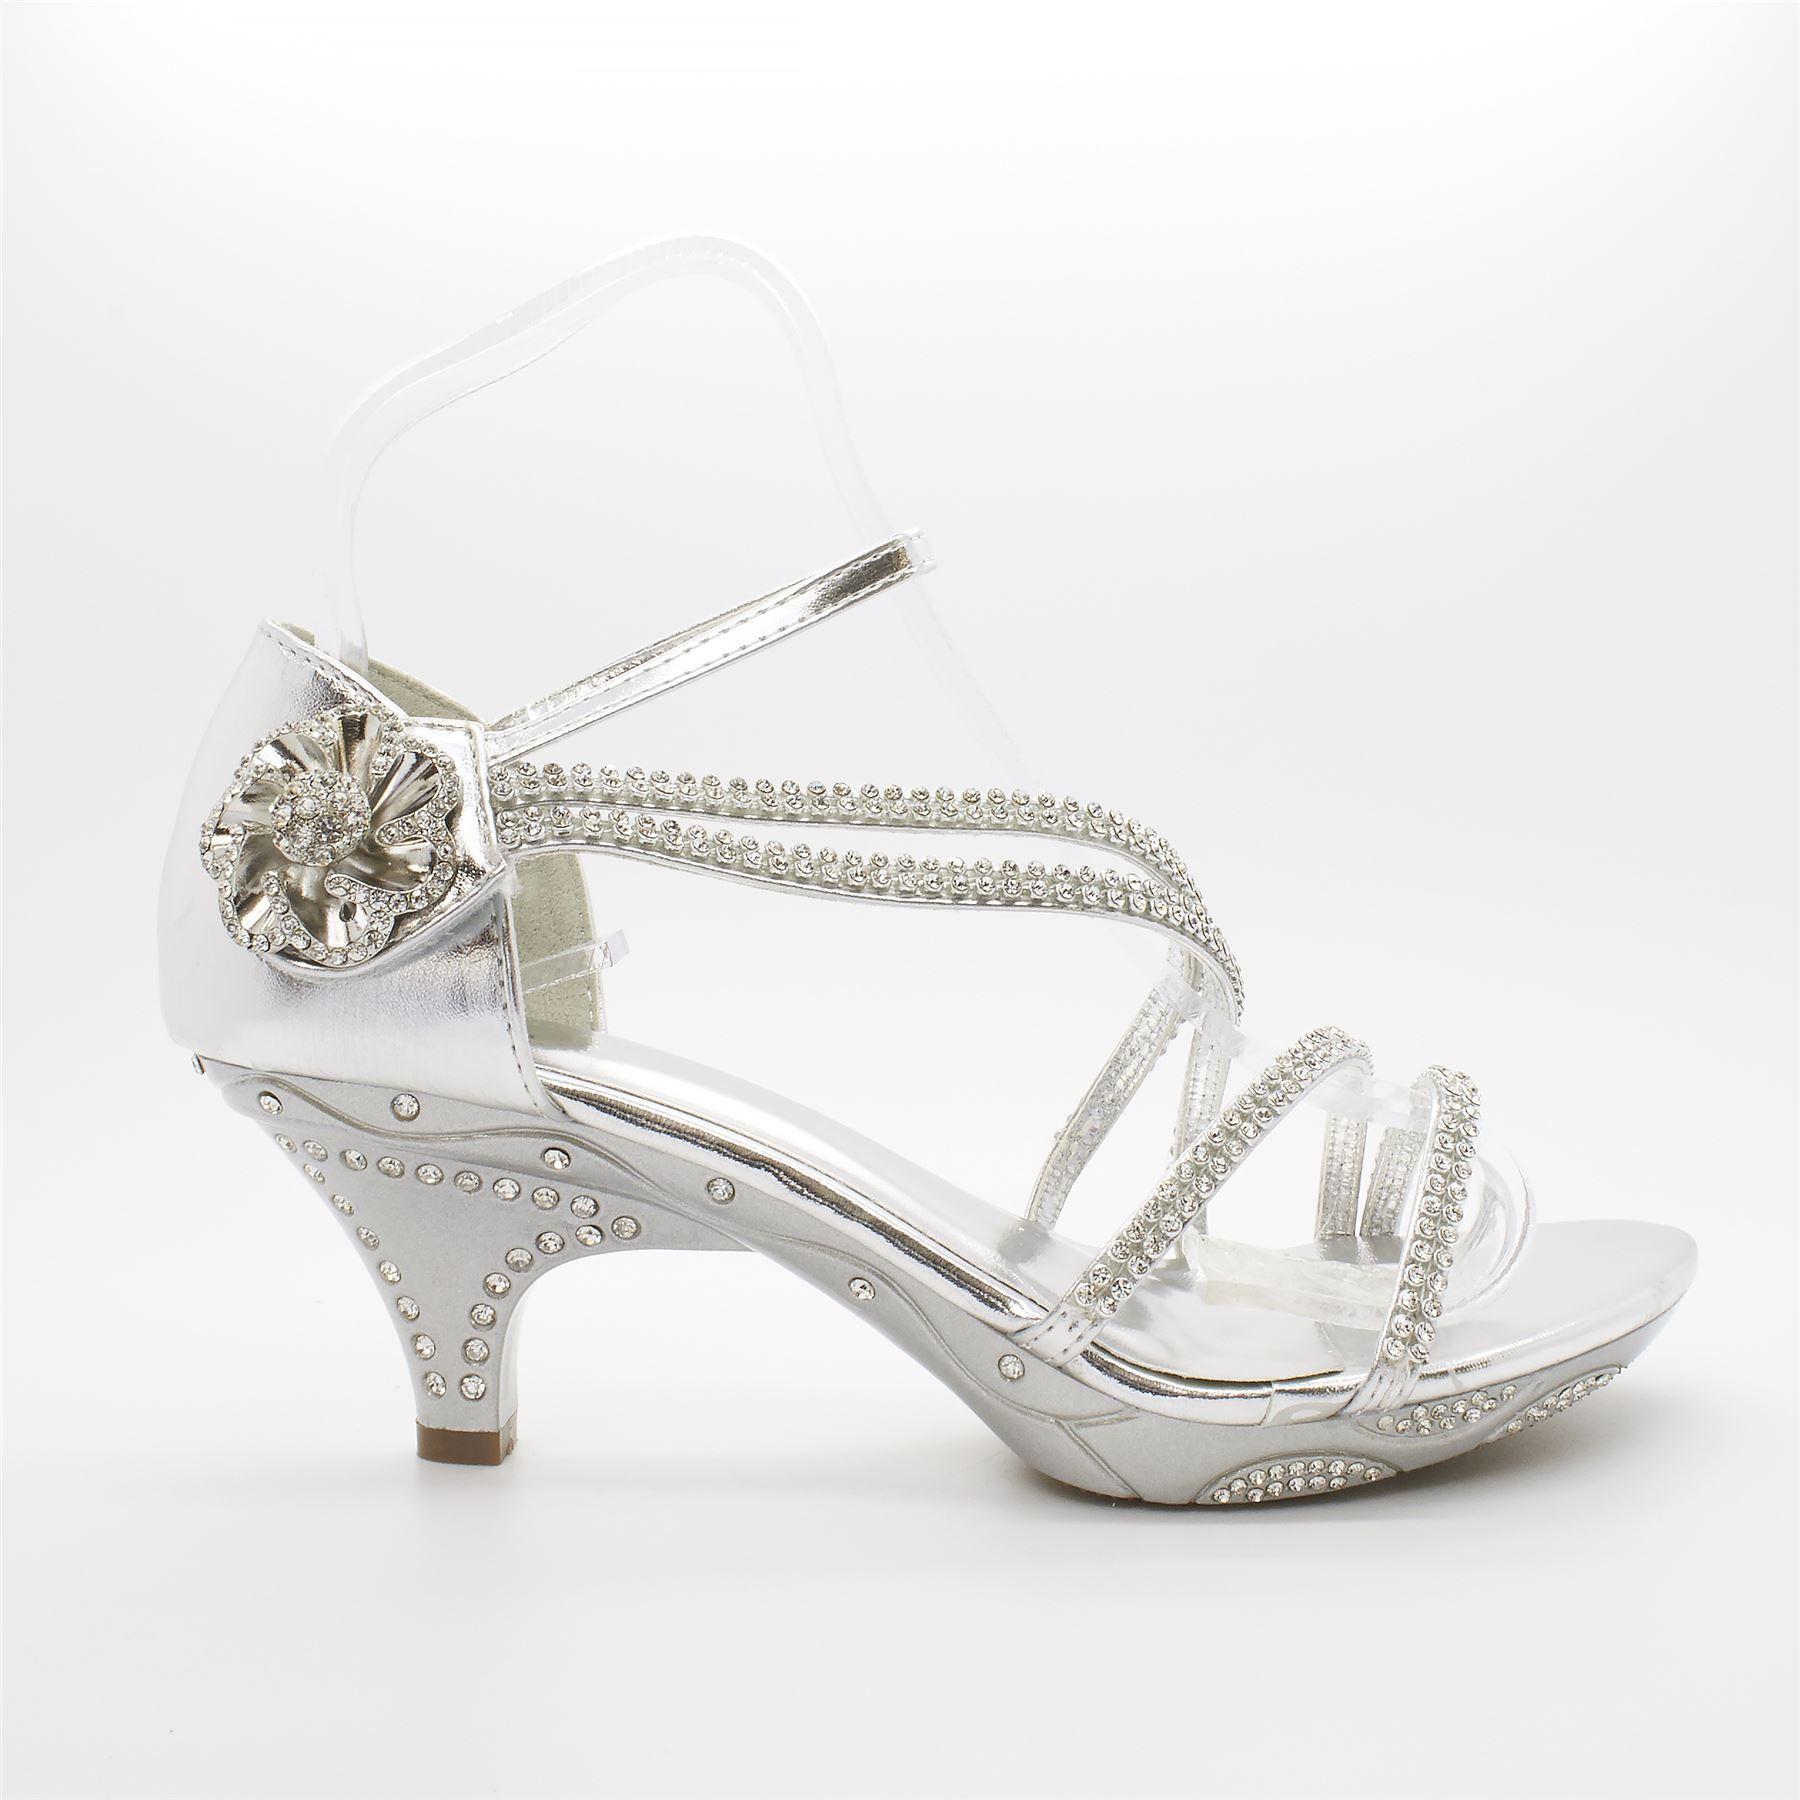 Sparkly Kitten Heel Wedding Shoes - Is Heel